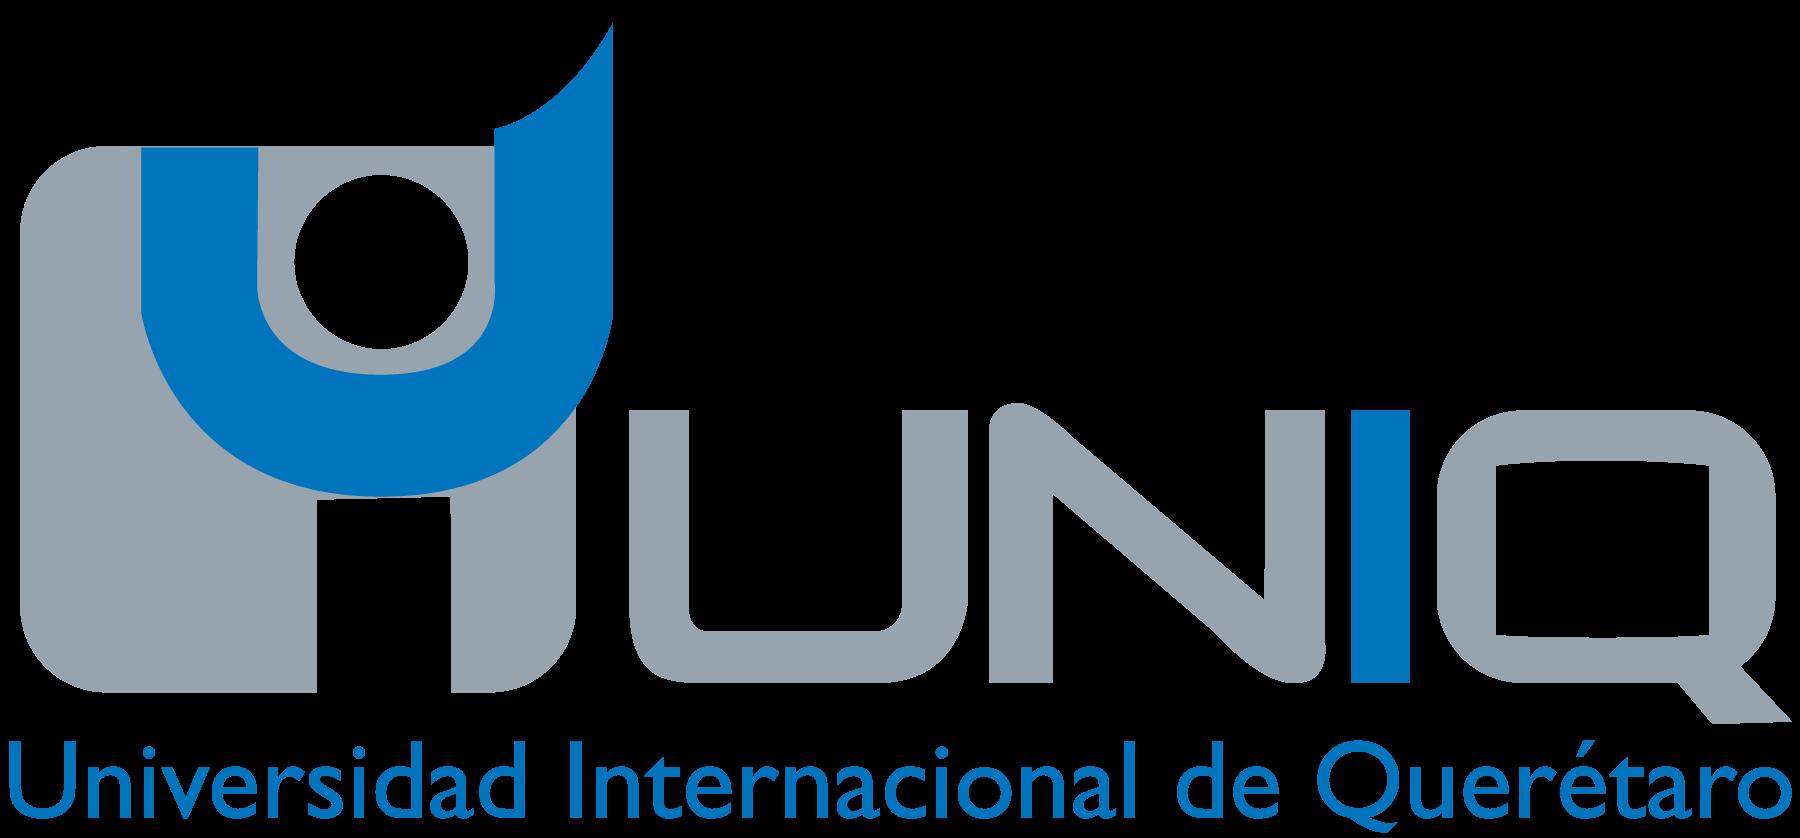 universidad internacional de queretaro